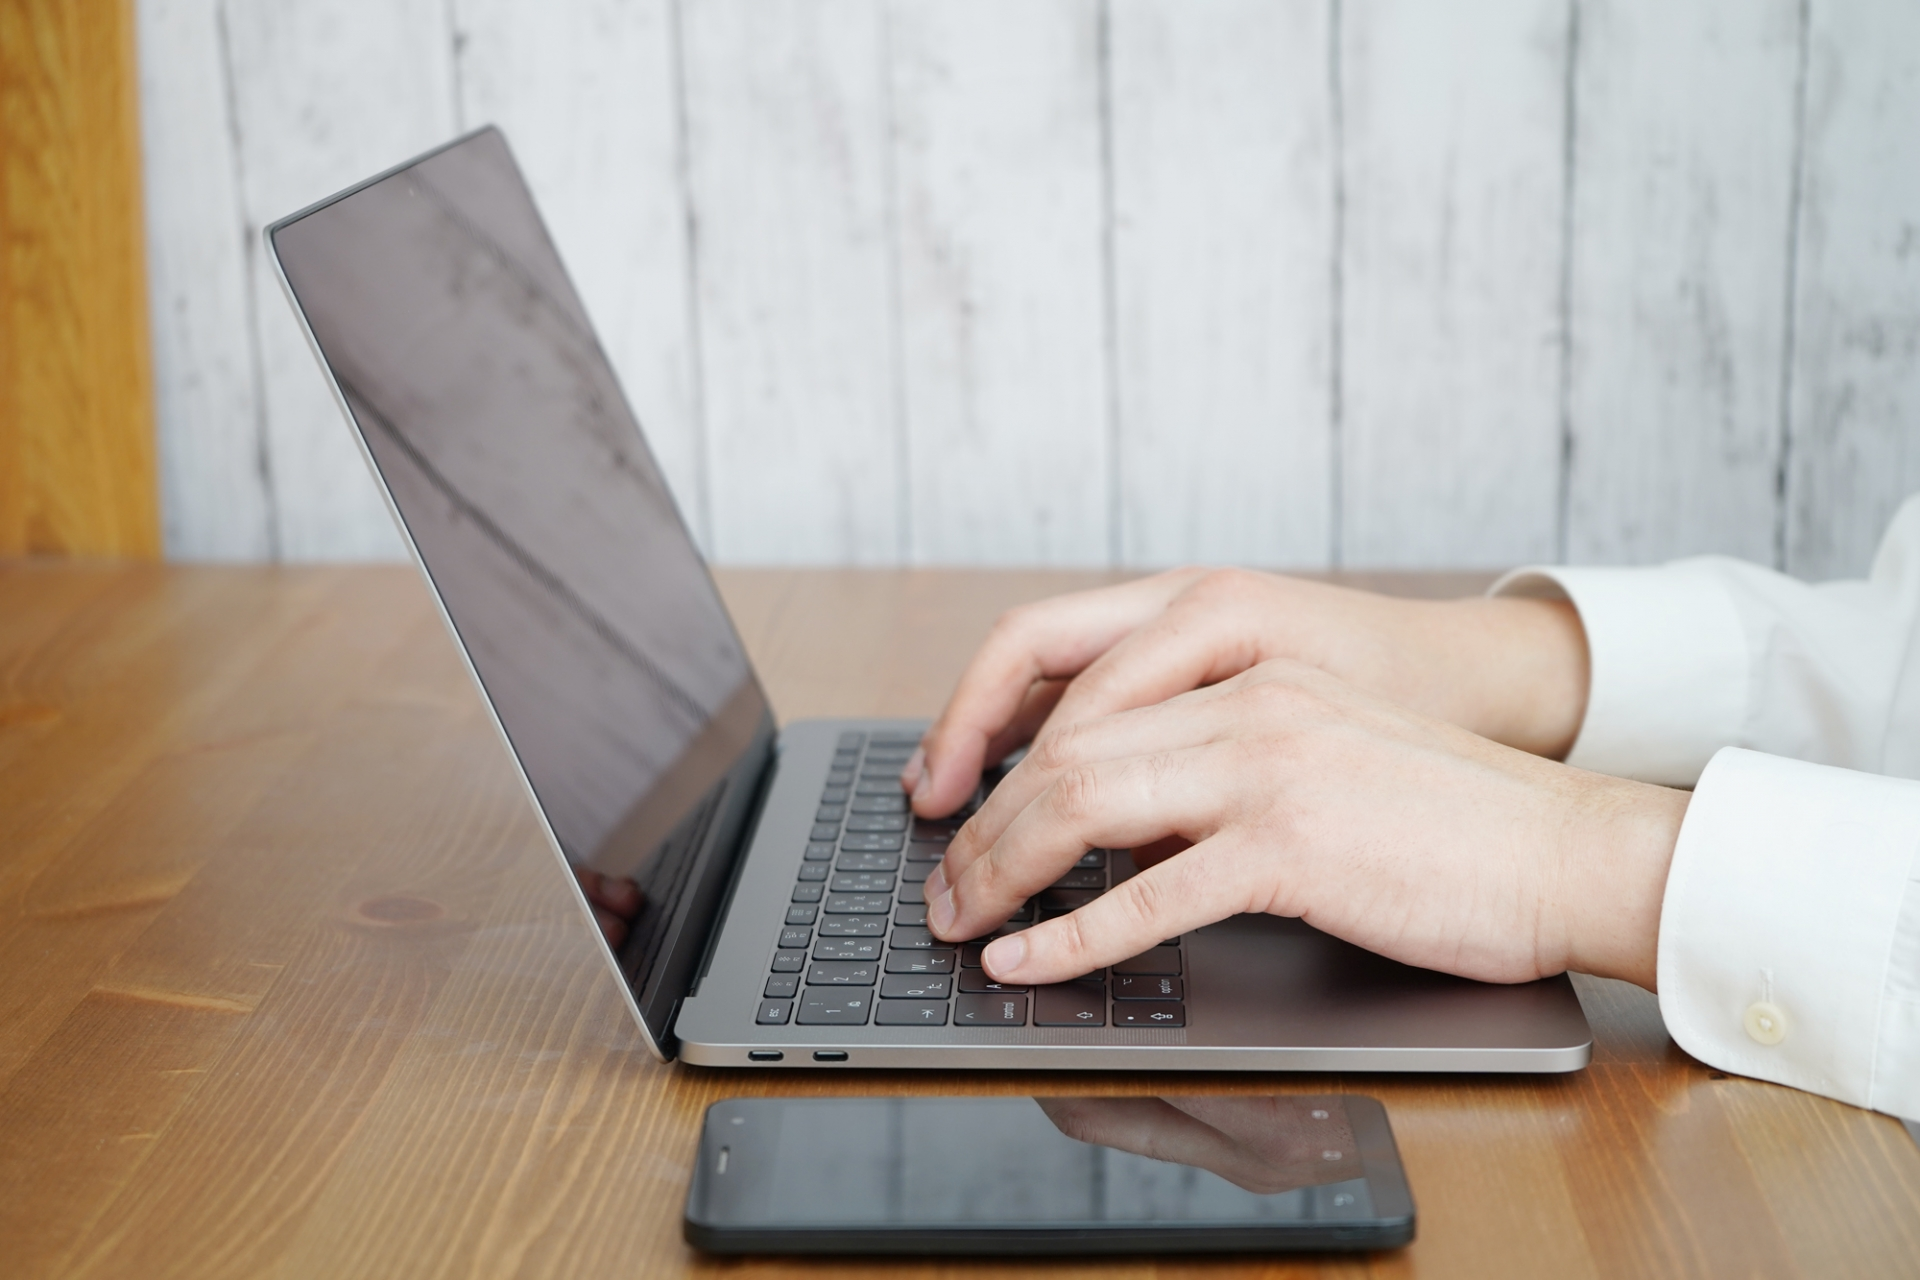 WEBライターとして初心者が稼ぐためのポイント5選!